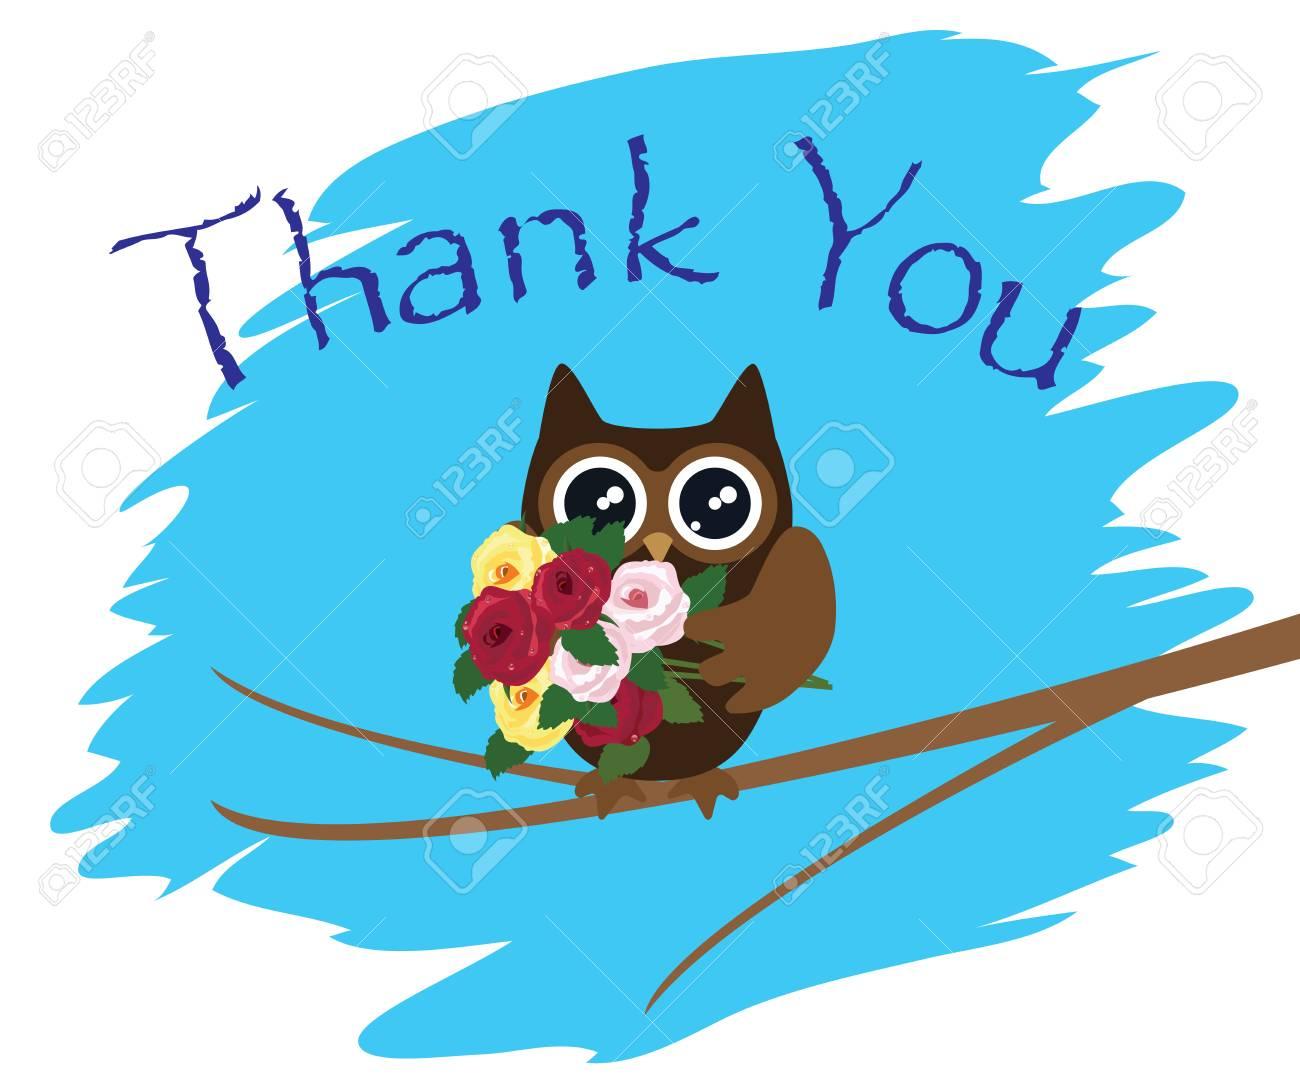 フクロウやバラありがとうカードのベクトル イラスト ロイヤリティフリー